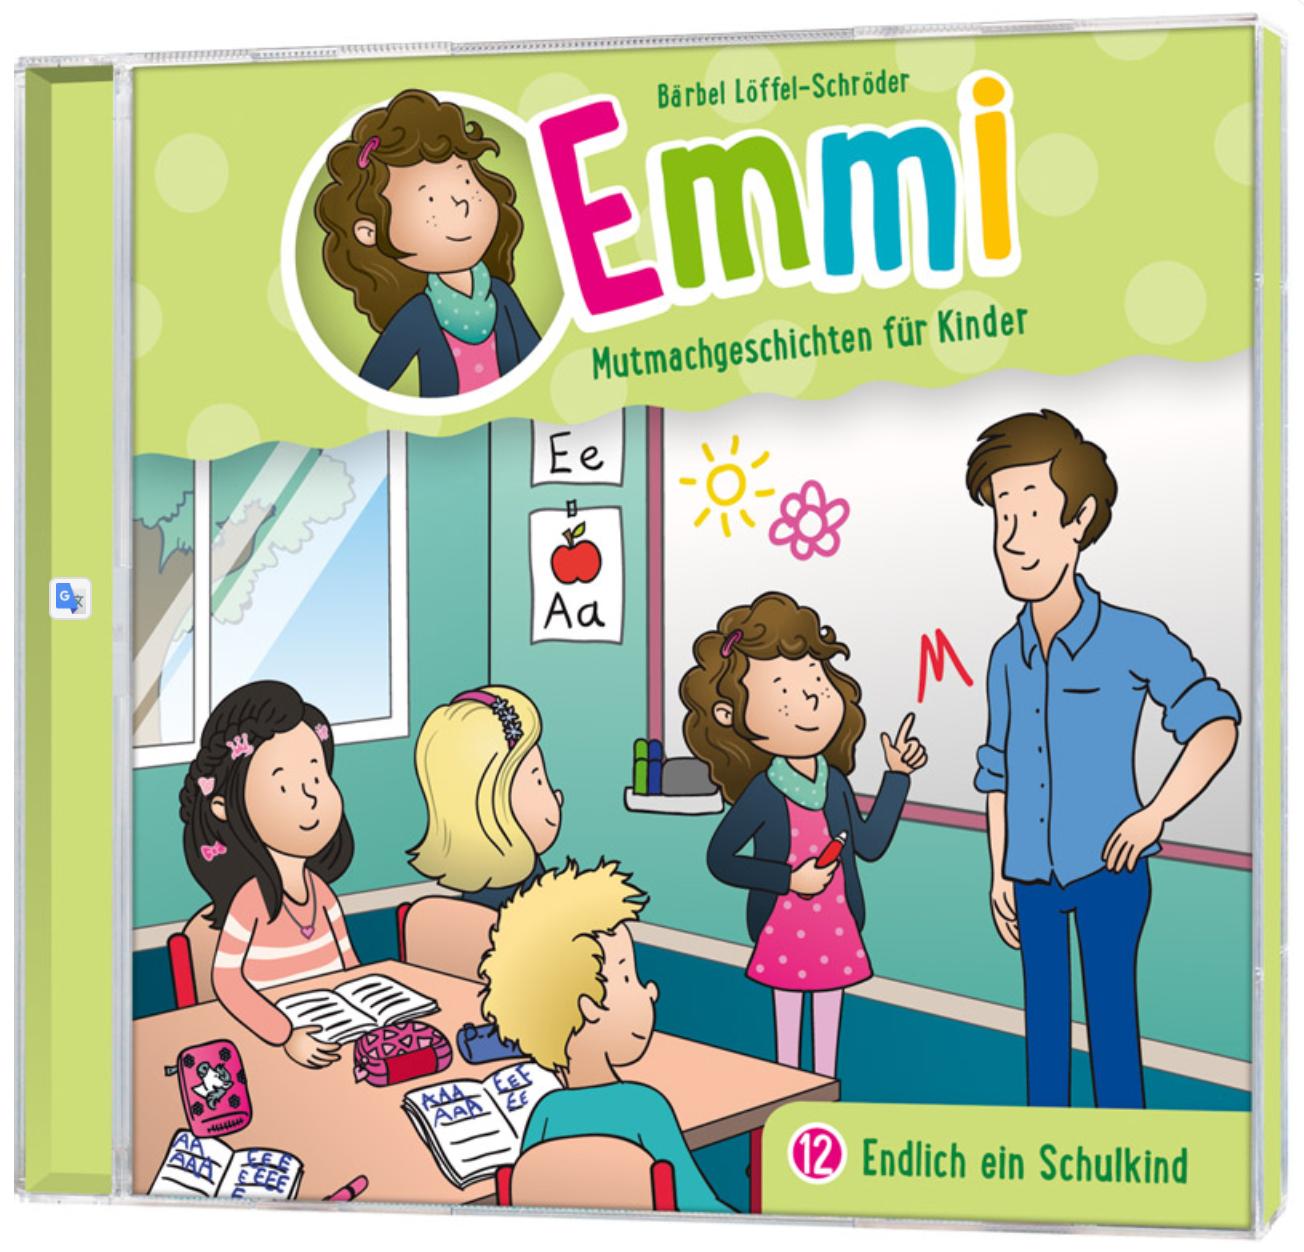 CD Endlich ein Schulkind - Emmi (12)